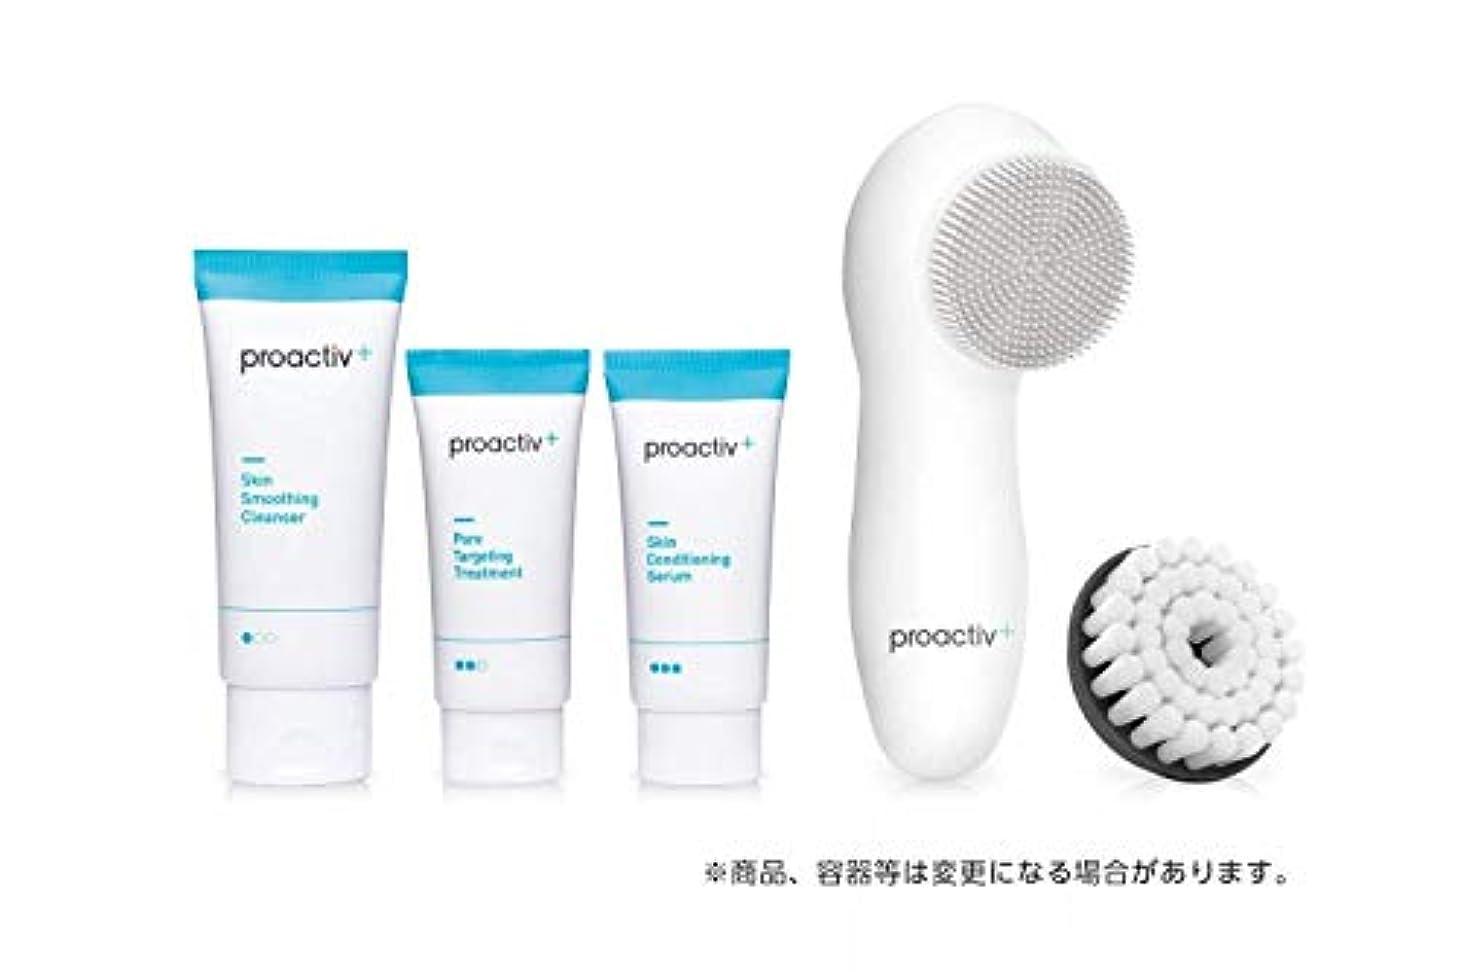 セクタうがい薬レポートを書くプロアクティブ+ Proactiv+ 薬用3ステップセット30日サイズ 電動洗顔ブラシ(シリコンブラシ付) プレゼント 公式ガイド付